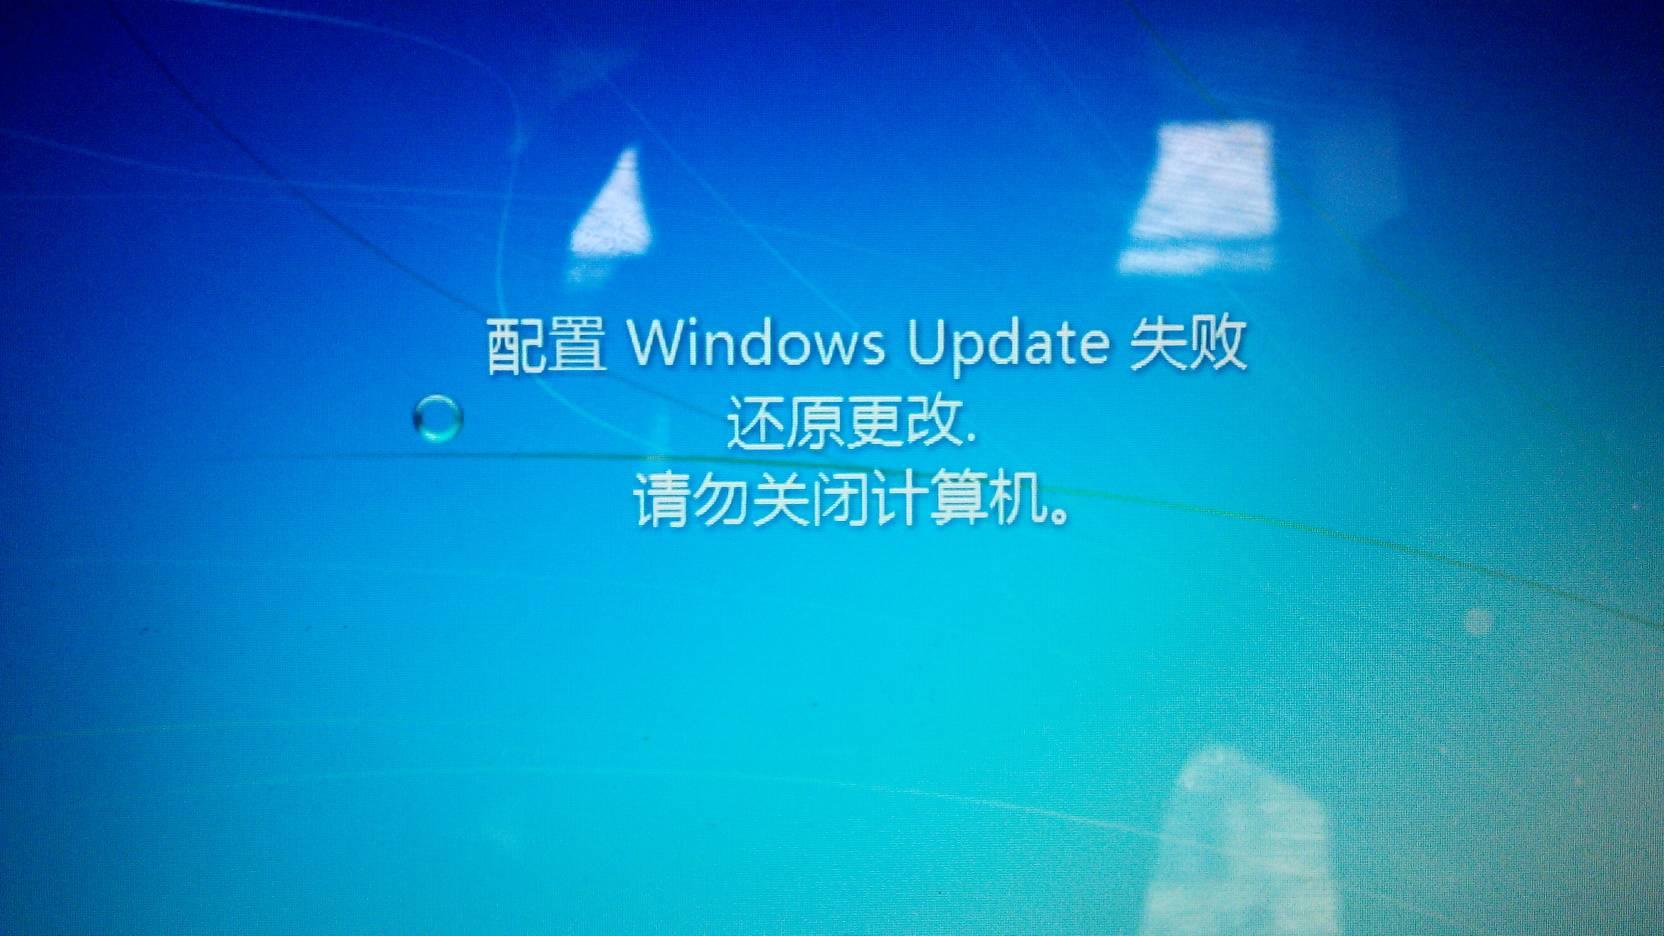 win7开机配置windows update失败,还原更改.请勿关闭